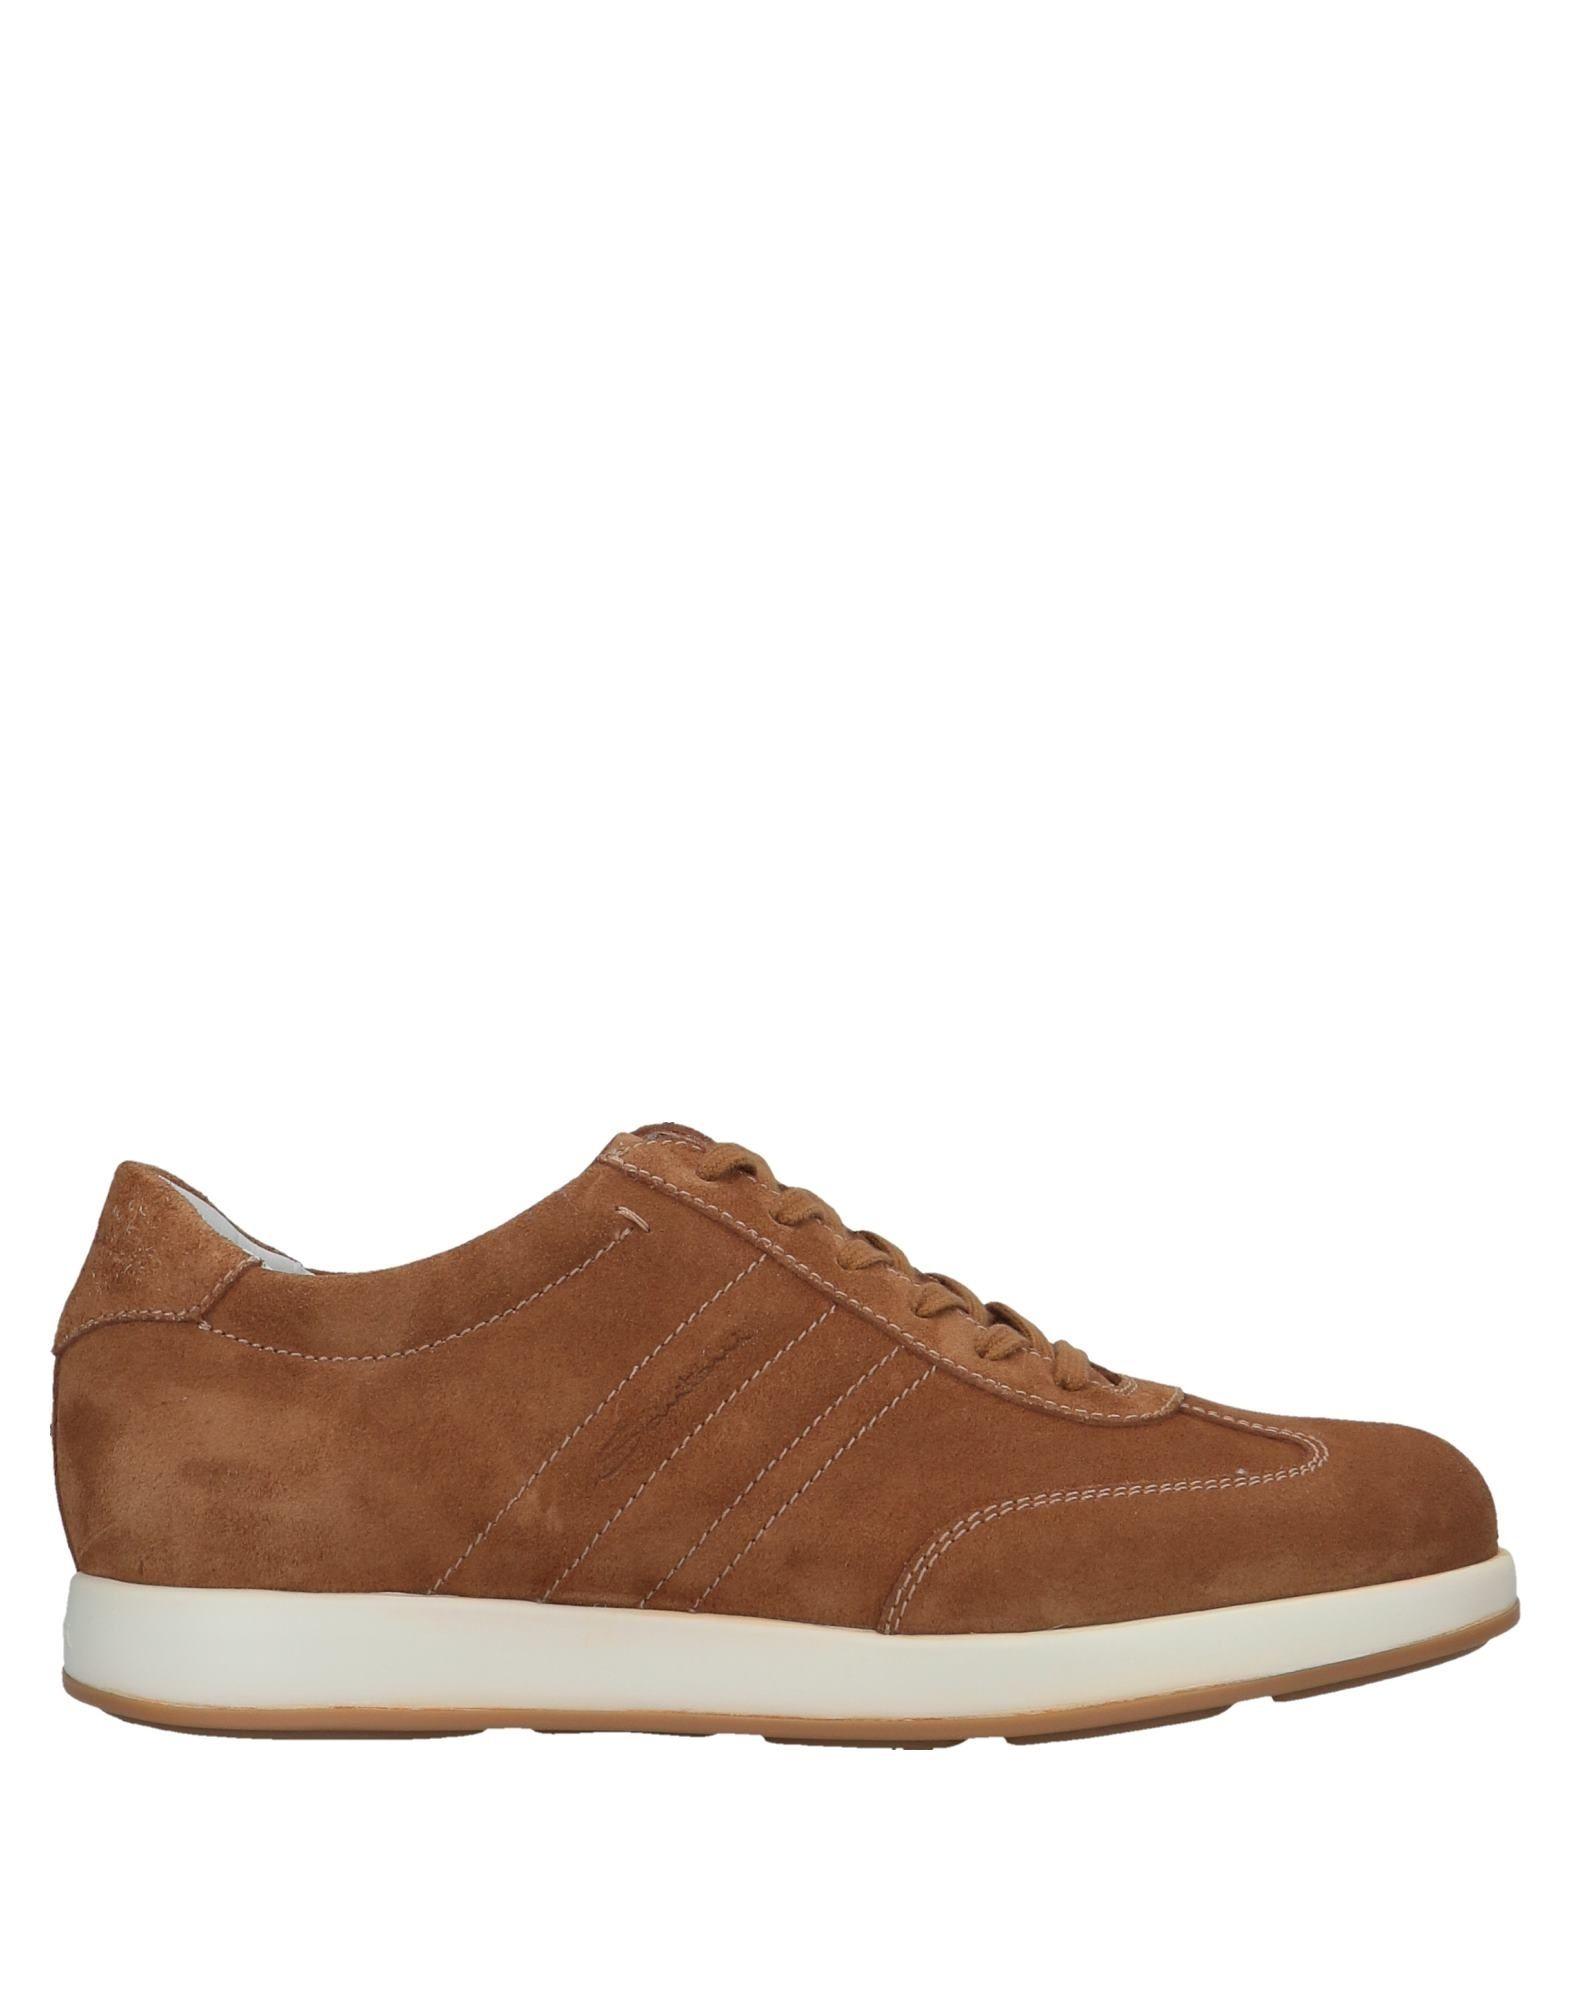 Santoni Sneakers Herren  11541548MJ Gute Qualität beliebte Schuhe